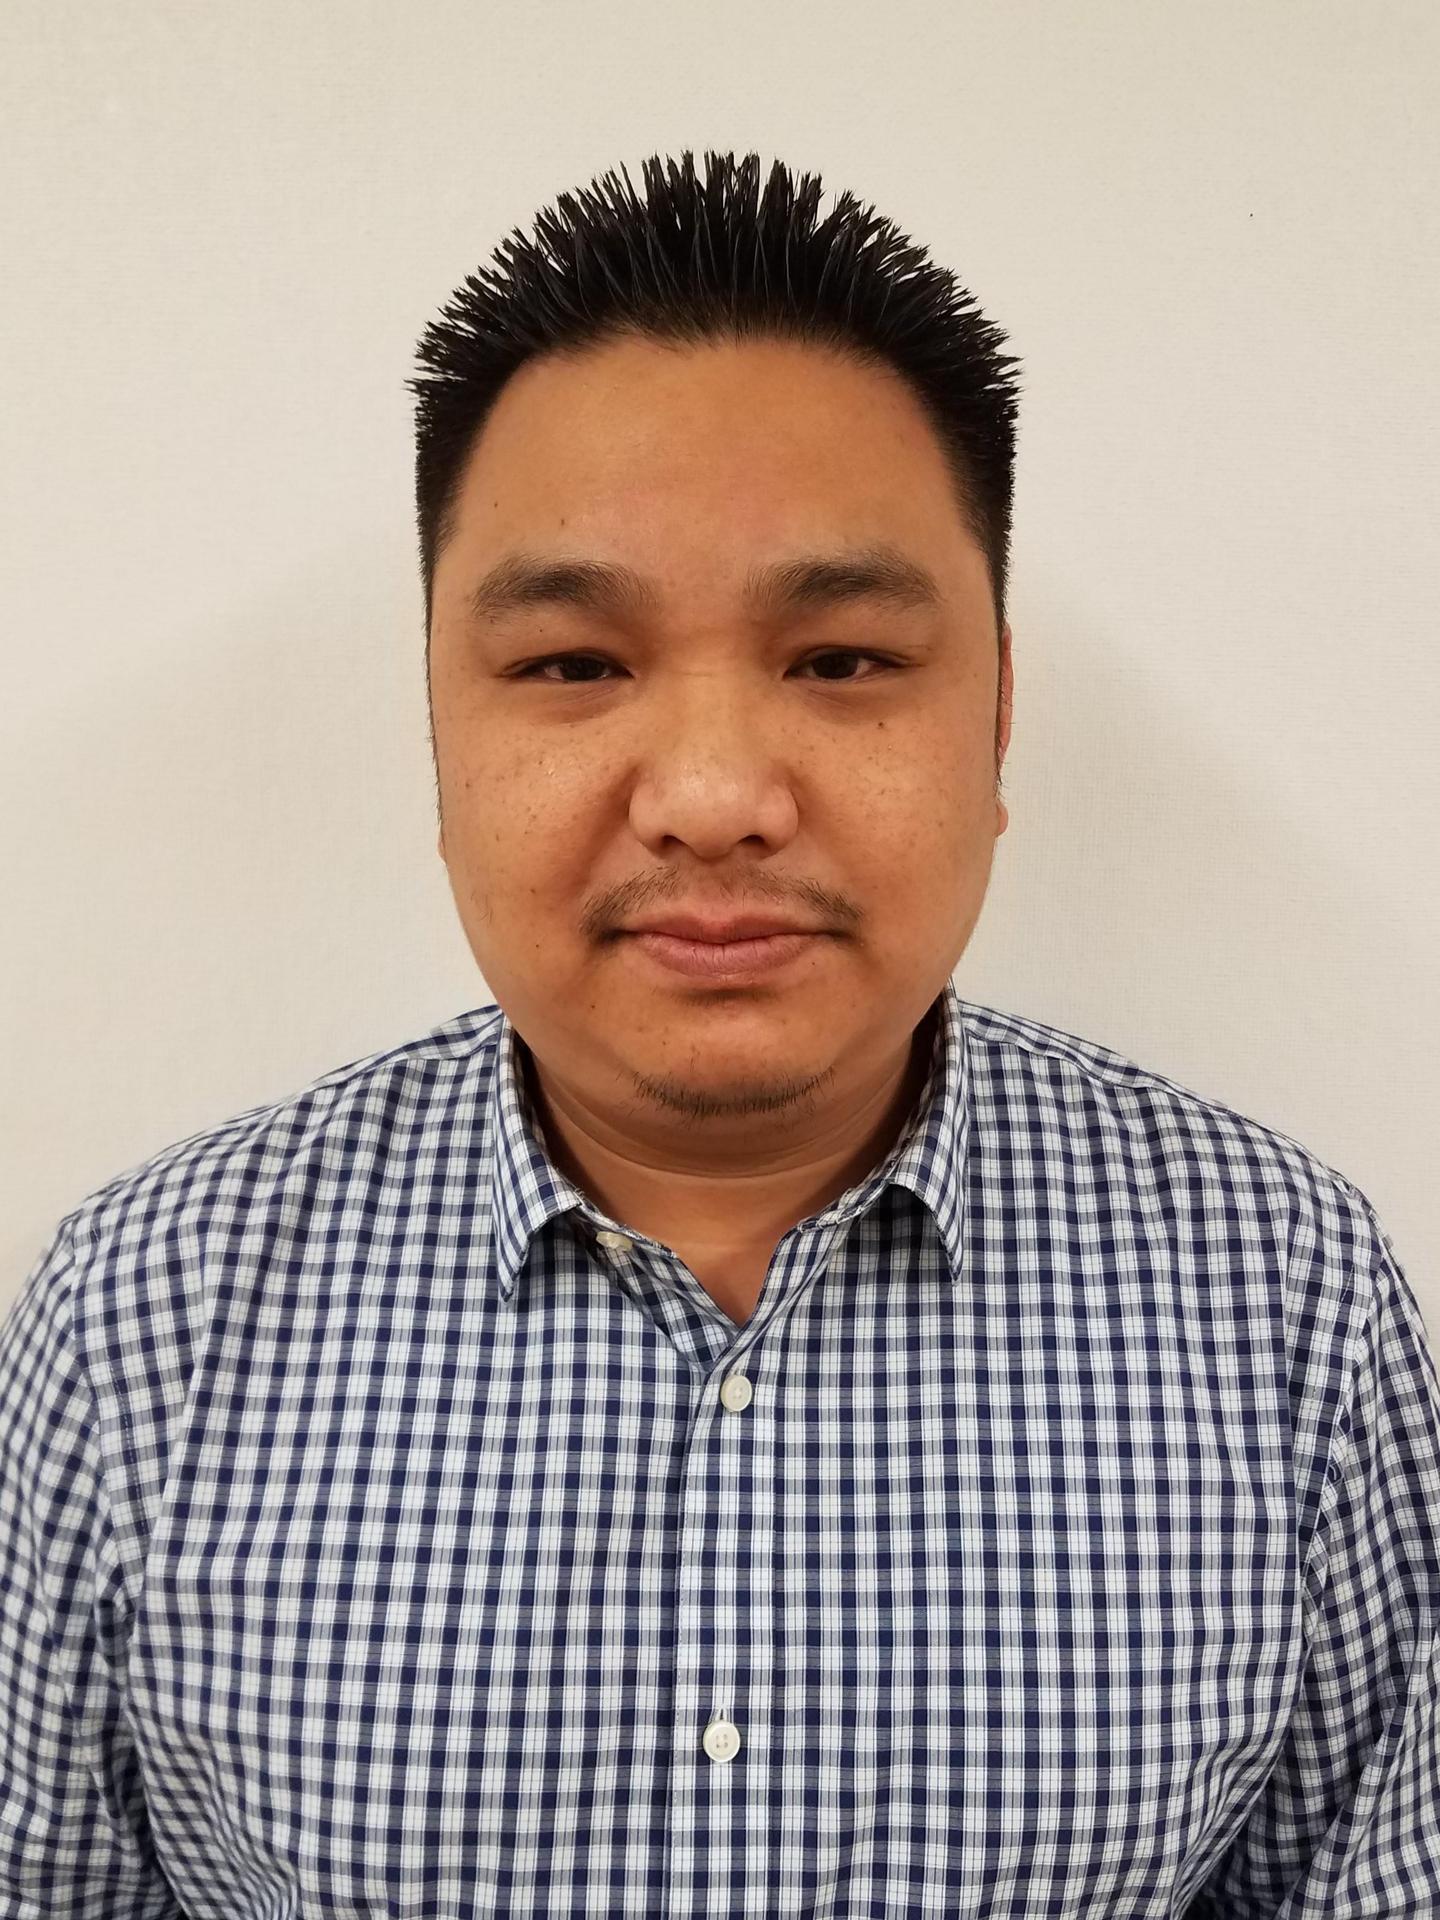 Jospeh Ngo Picture